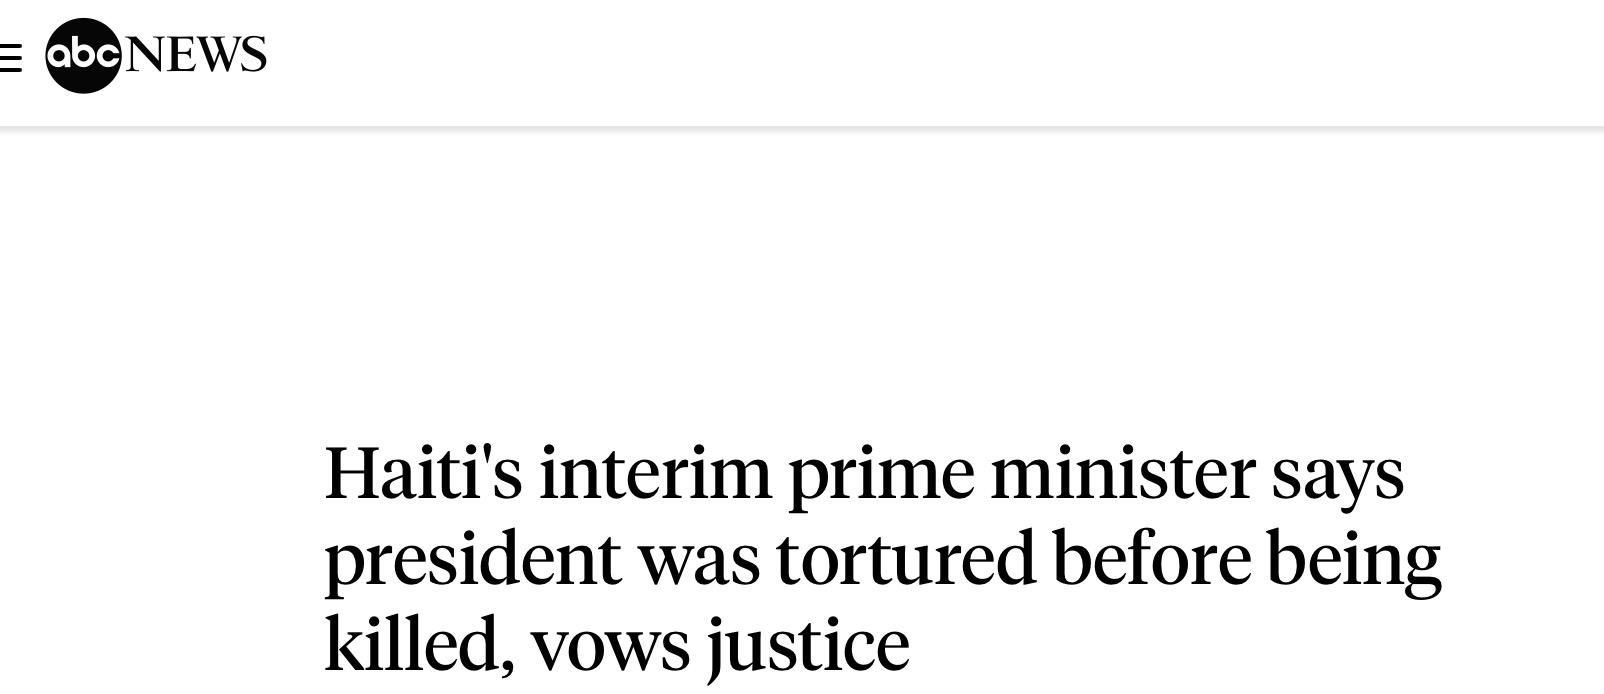 海地总统被刺杀前曾遭酷刑 海地总统被刺杀更多细节曝光